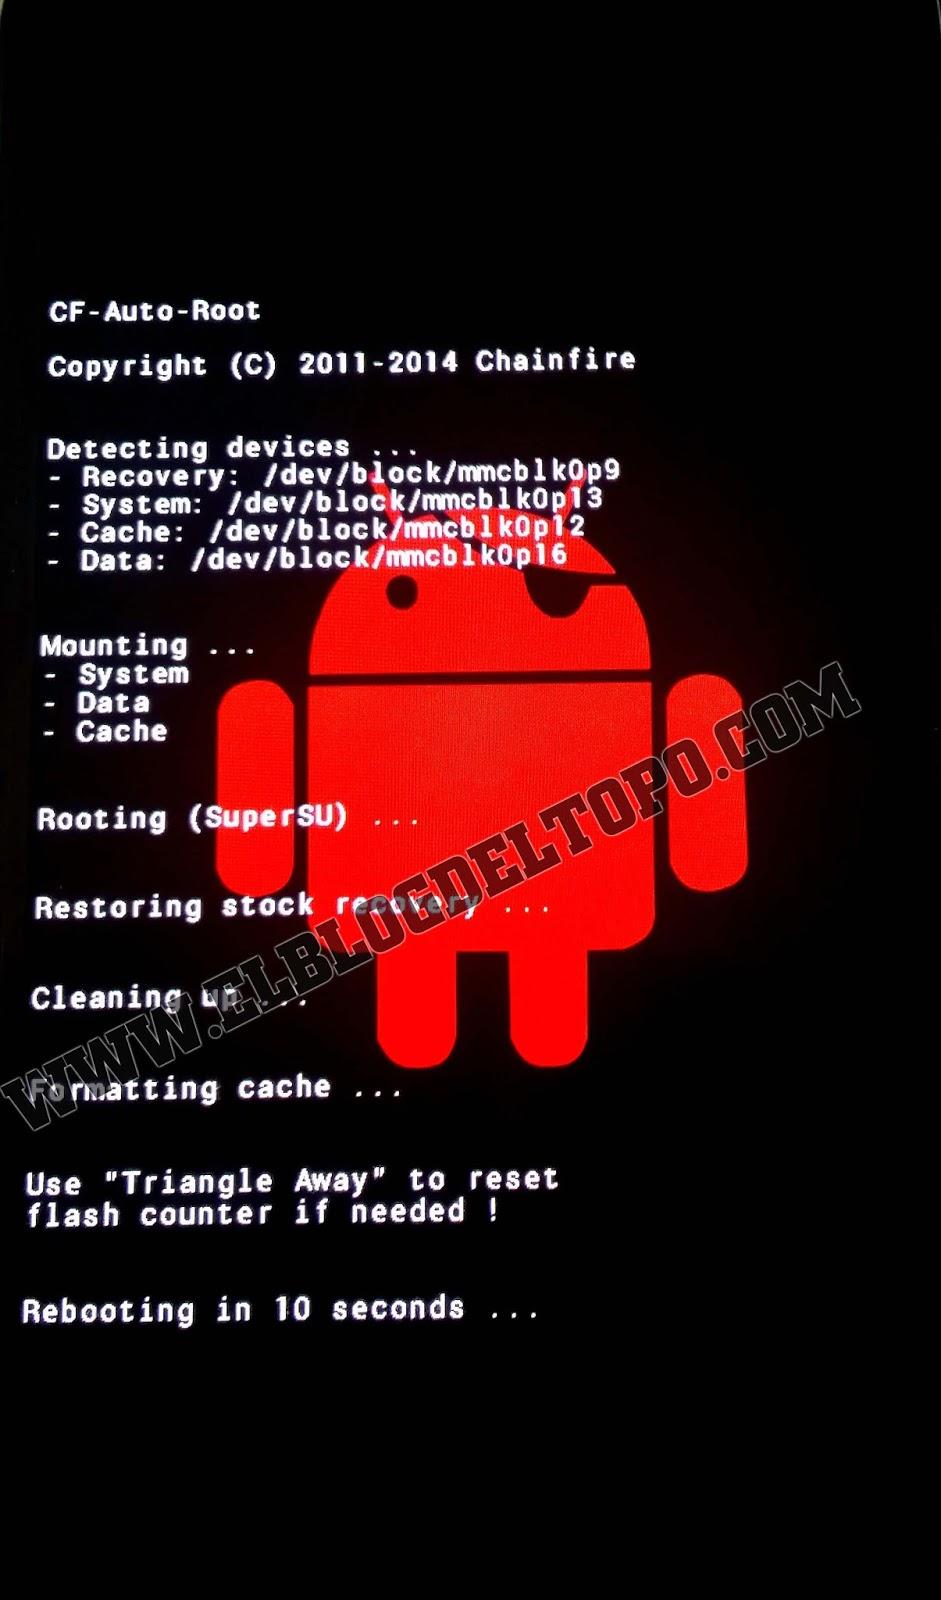 Rootear Samsung Galaxy Mega 2 Sm G750h Con Cf Auto Root Nota Si Al Finalizar El Proceso Despus De La Pantalla Androide En Rojo Tu Telfono No Encendi O Se Quedo Negra Lo Que Debes Hacer Es